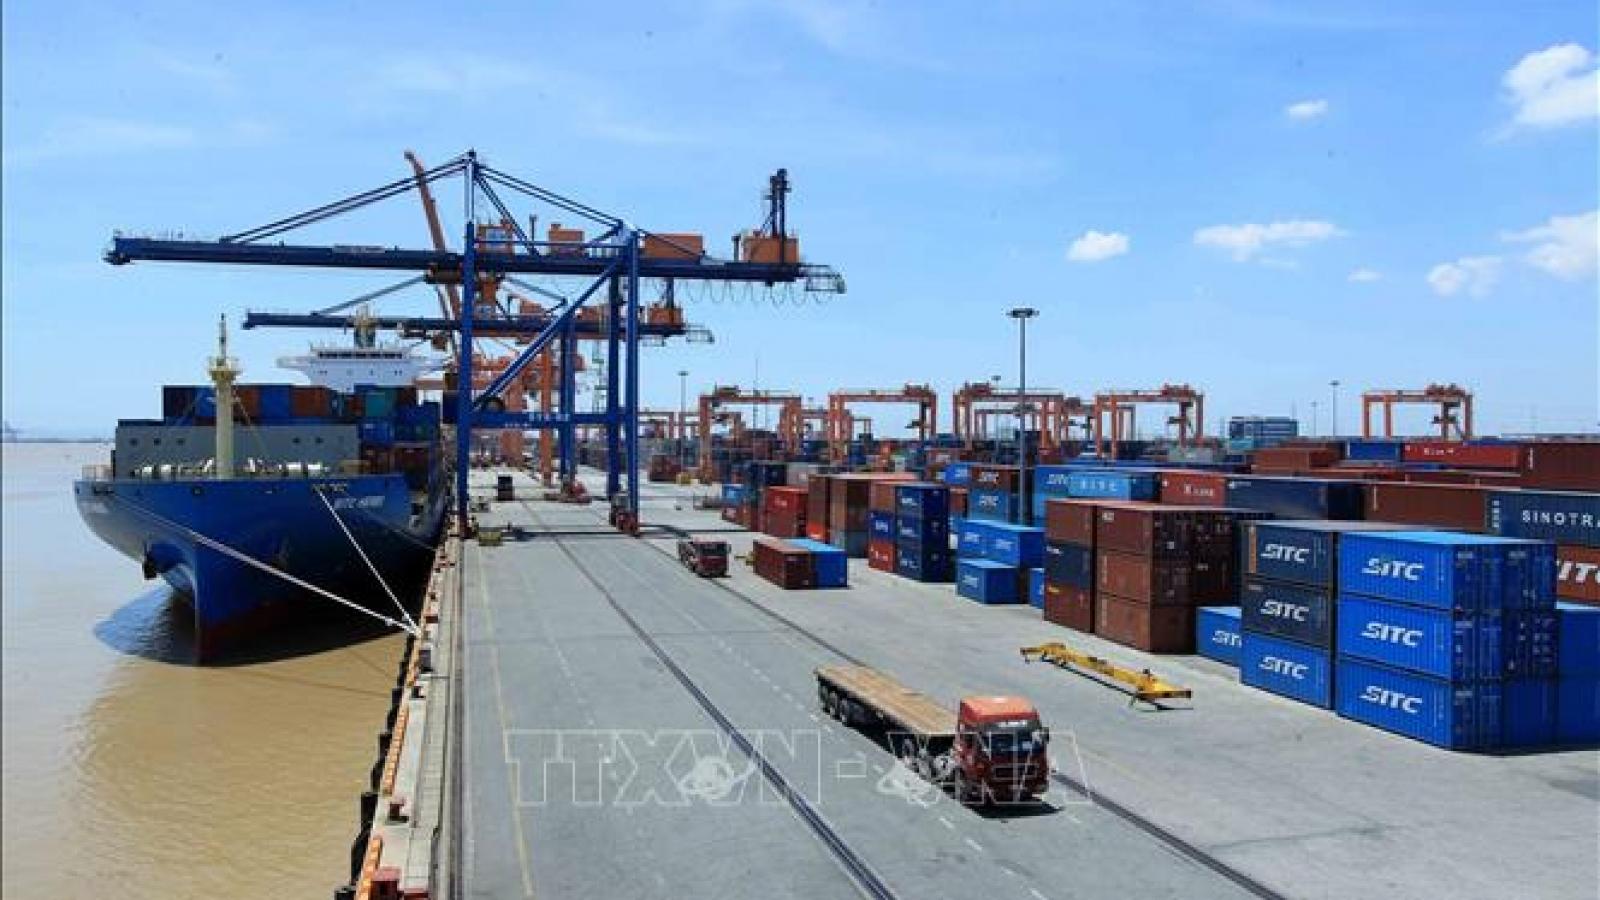 Chi phí logistics tăng cao ảnh hưởng đến giá trị thu về của doanh nghiệp và nền kinh tế